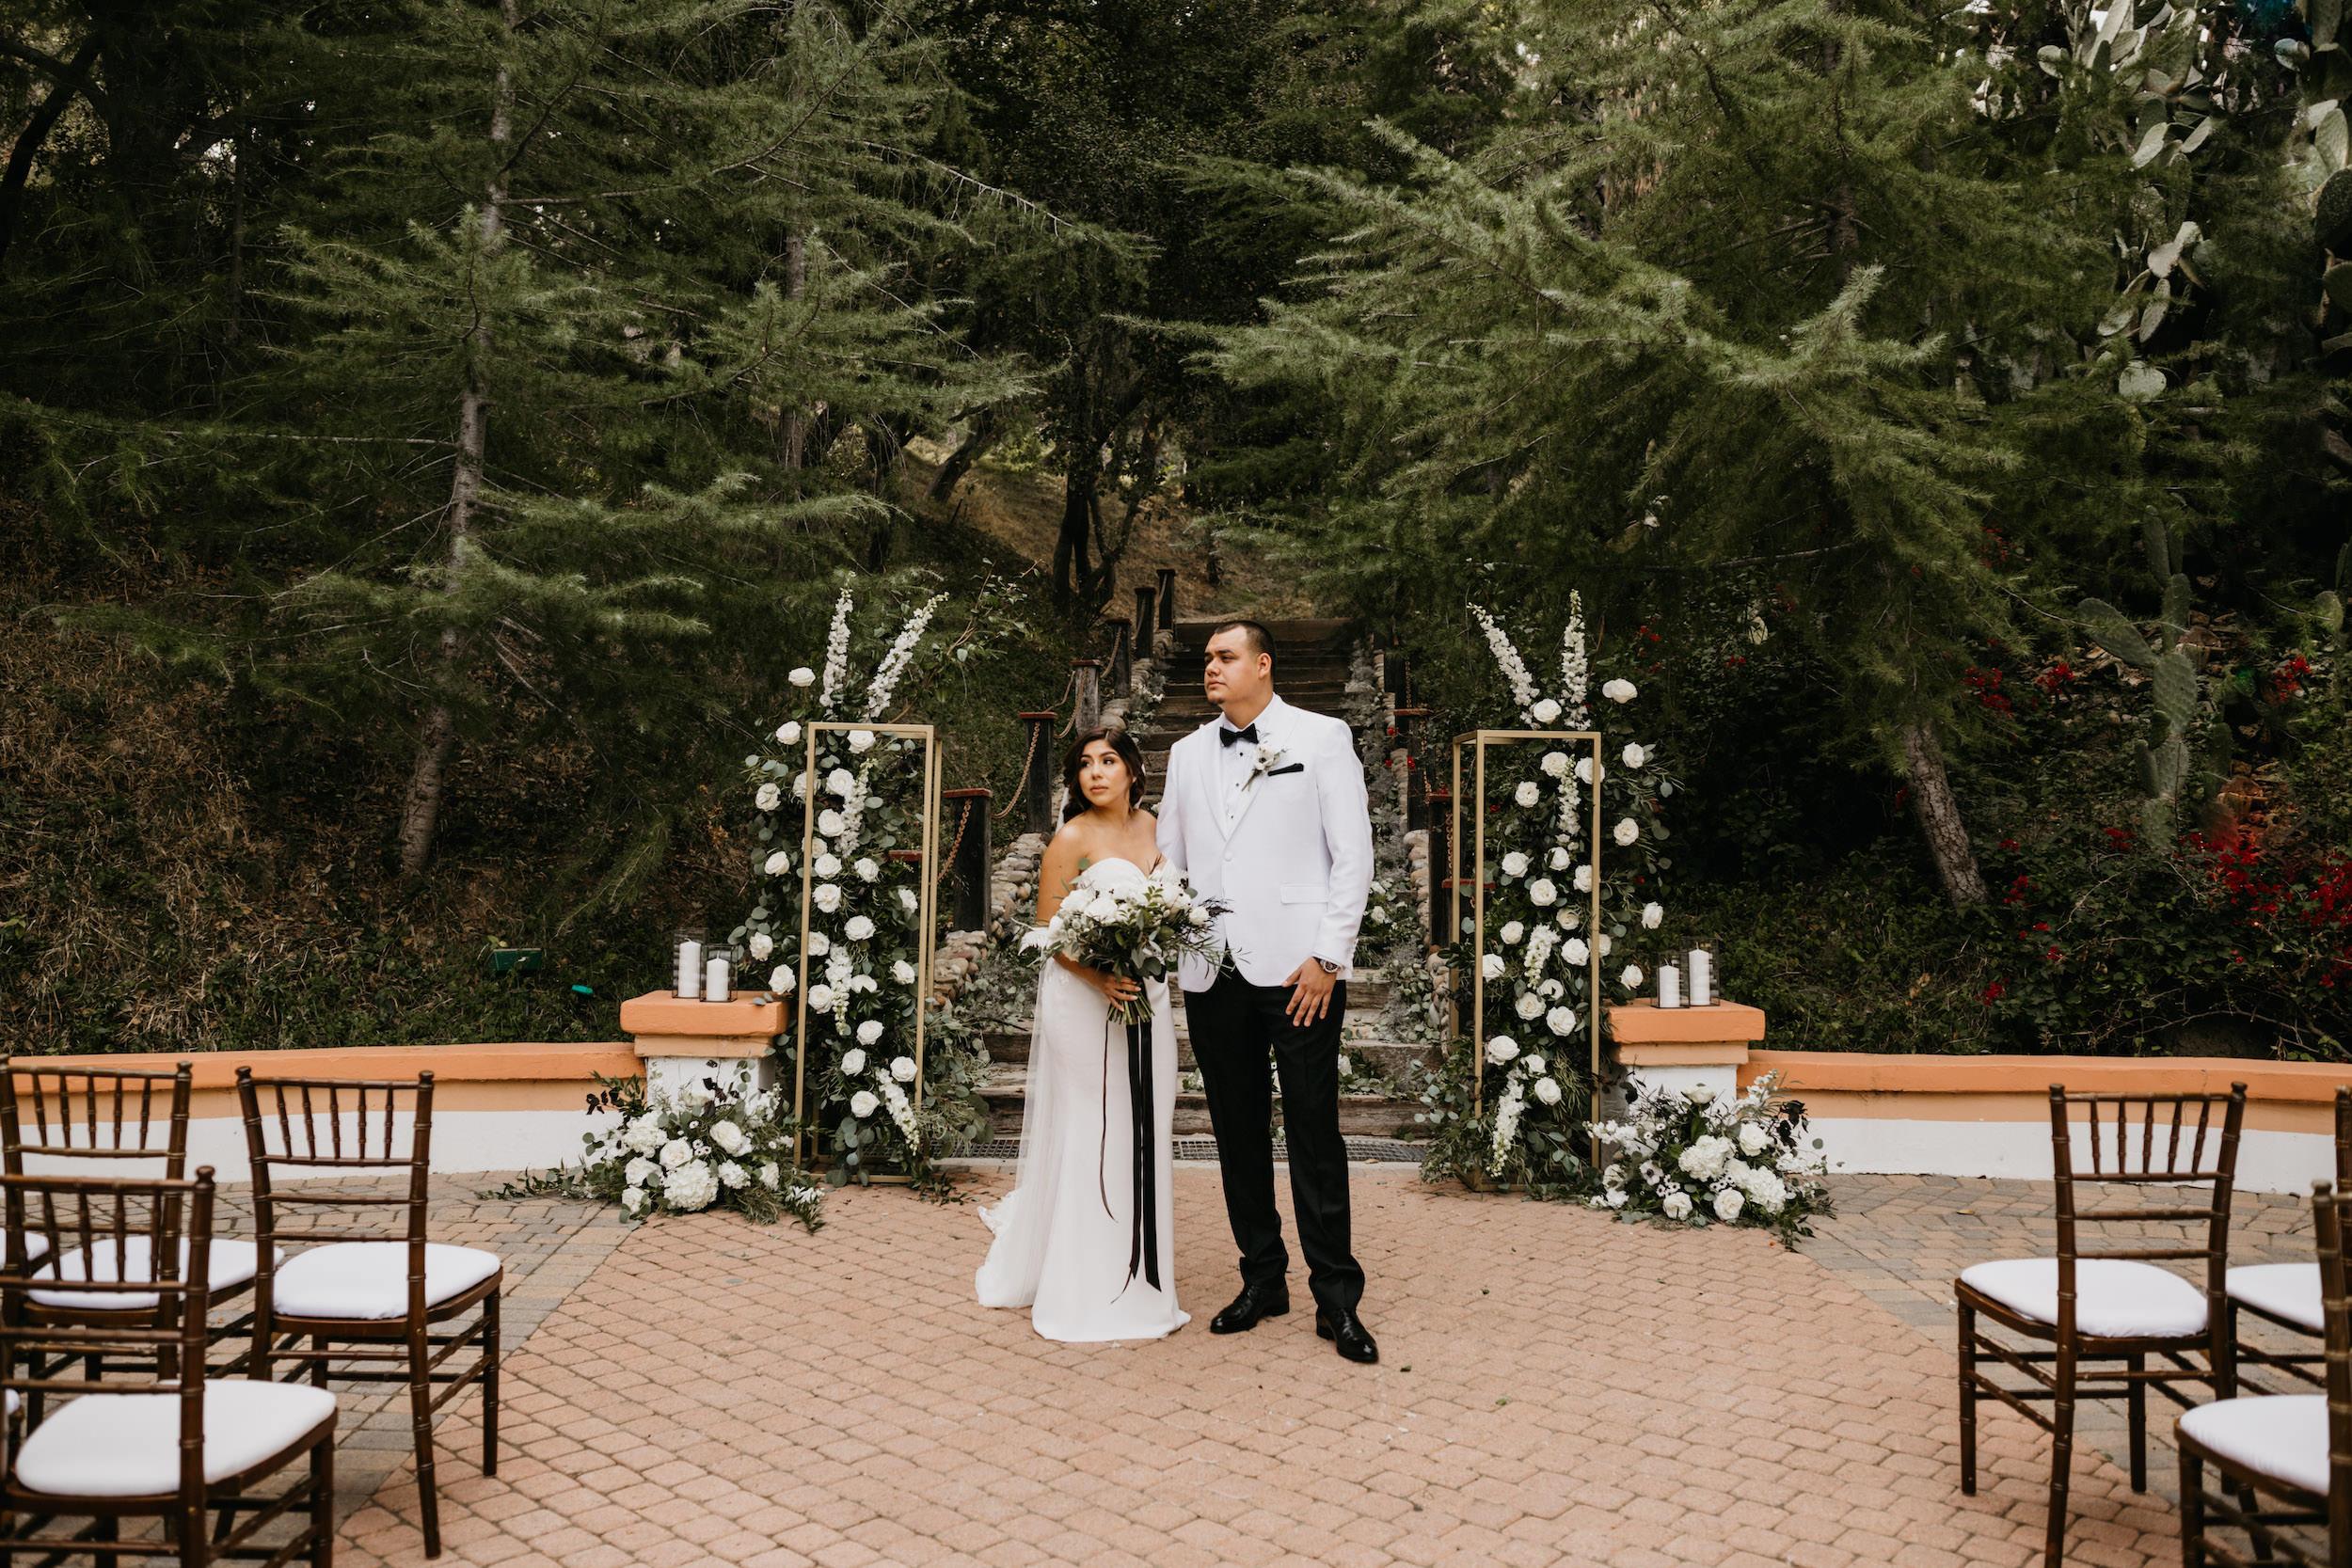 Rancho Las Lomas Wedding, image by Fatima Elreda Photo